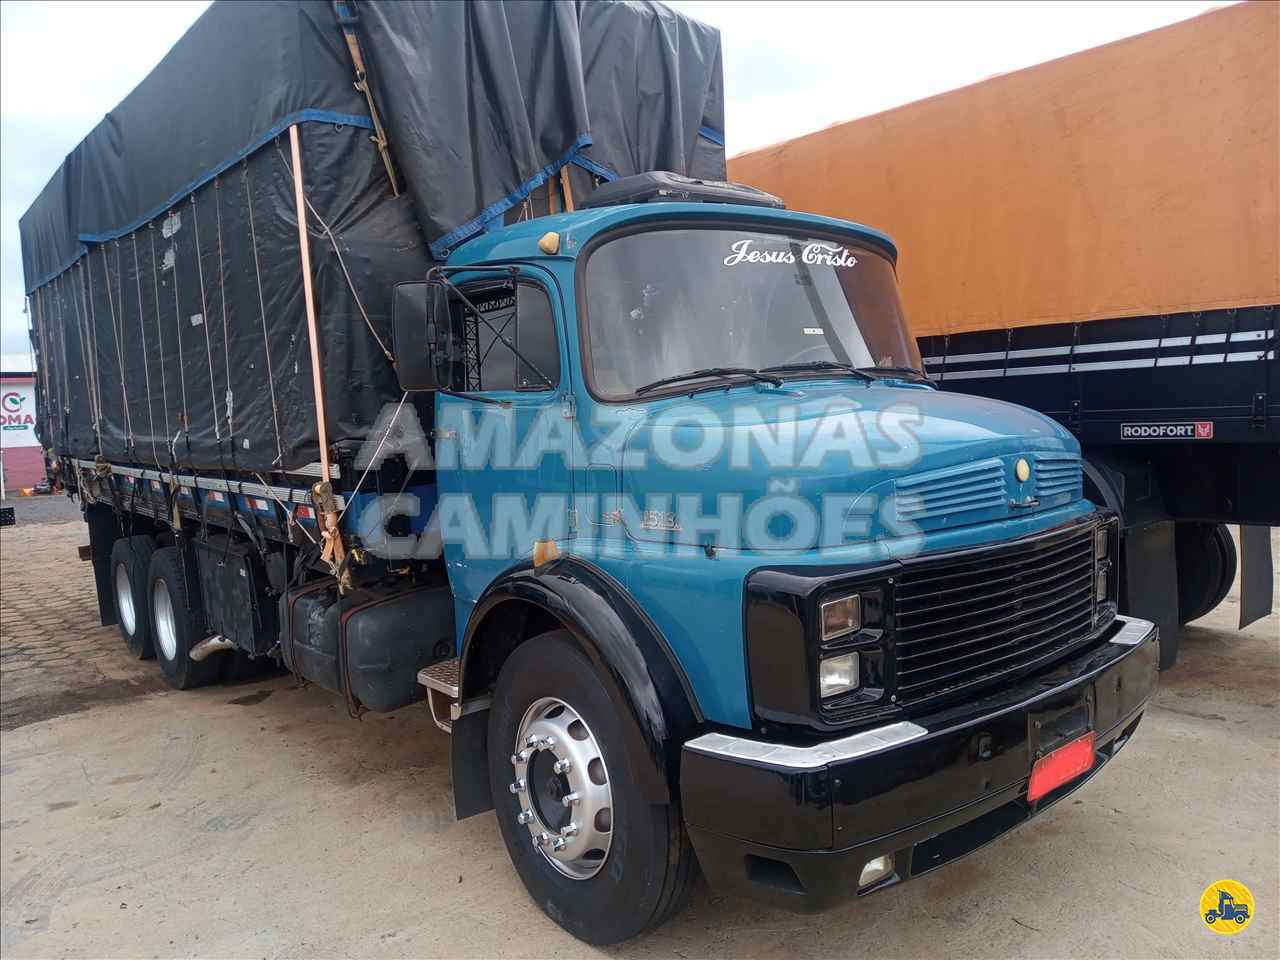 CAMINHAO MERCEDES-BENZ MB 1513 Graneleiro Truck 6x2 Amazonas Caminhões - SP MARILIA SÃO PAULO SP